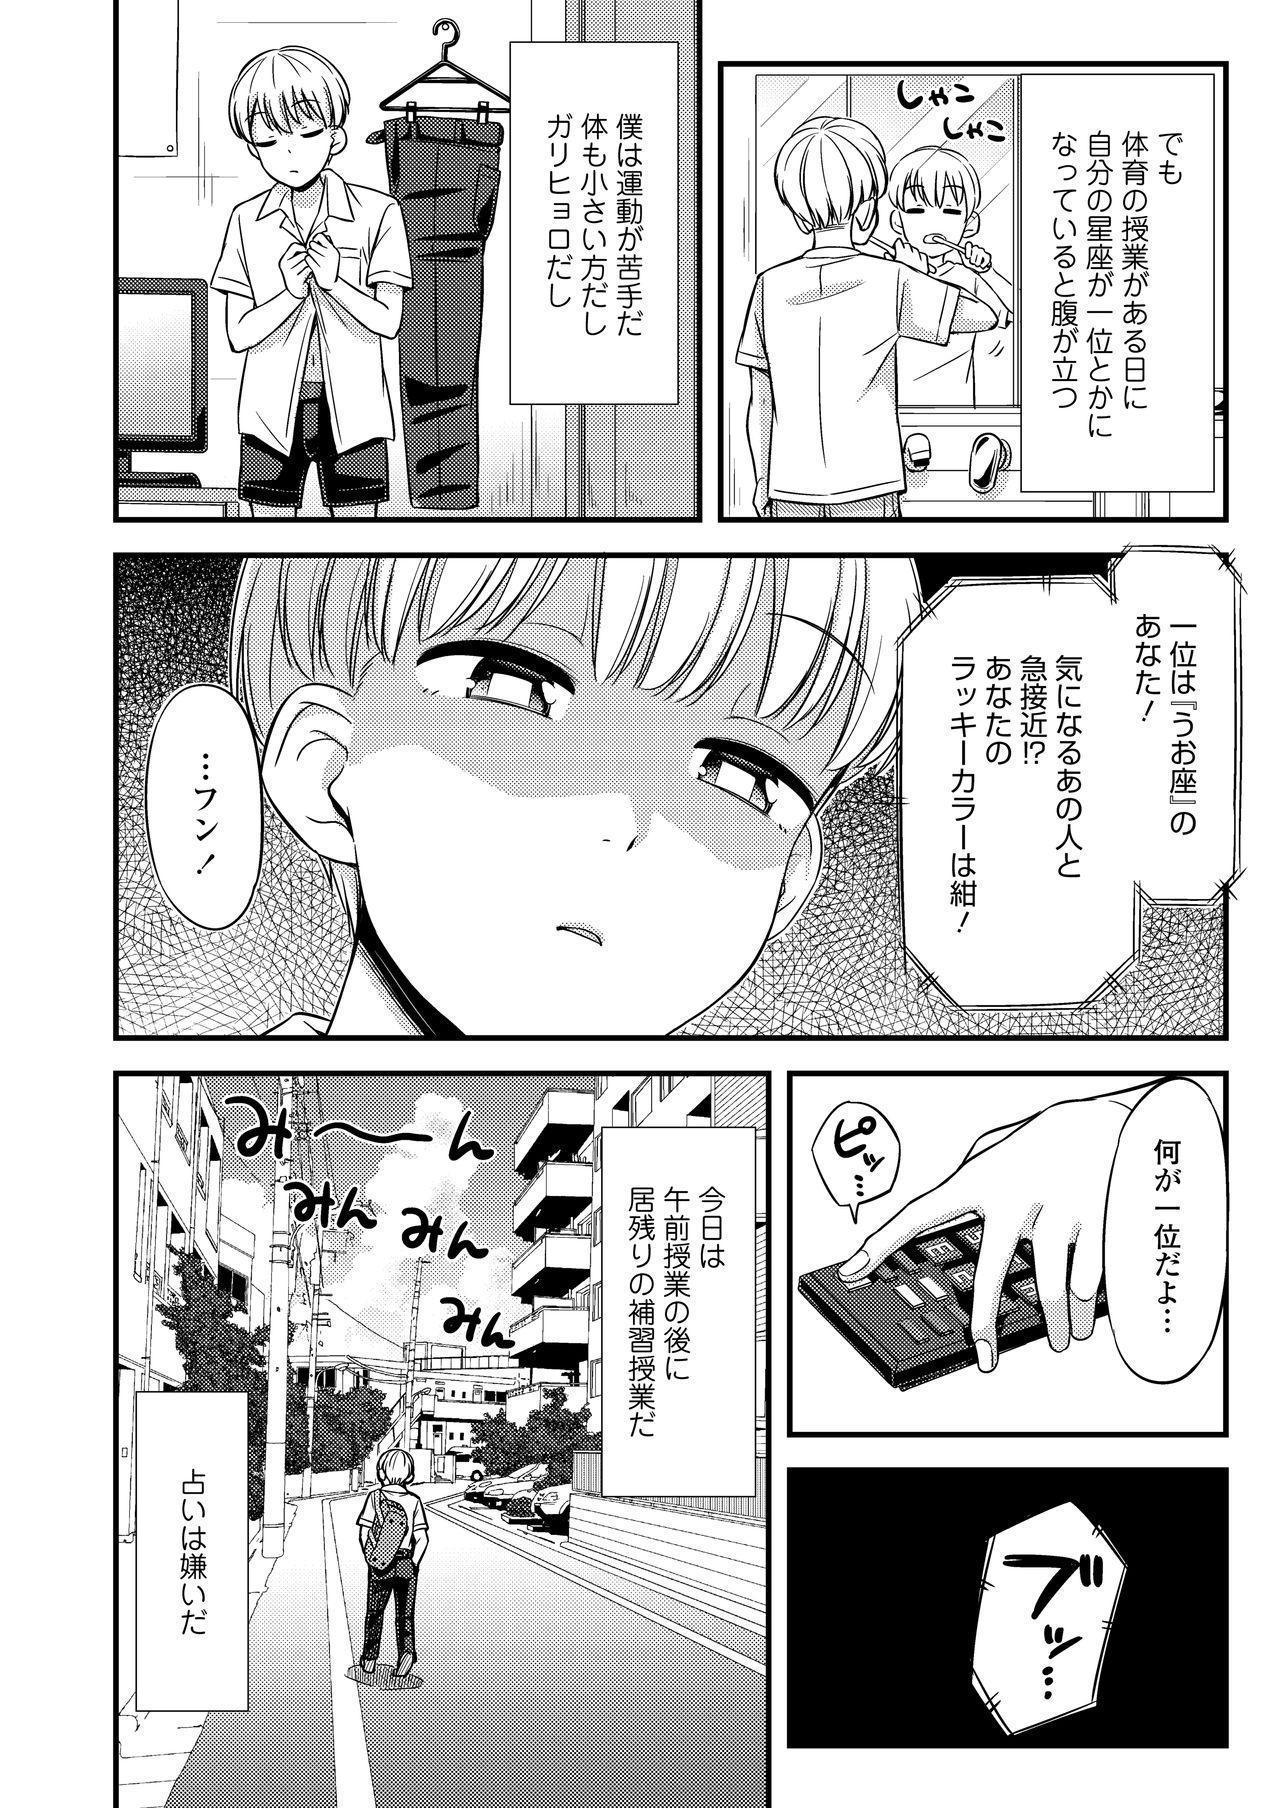 COMIC AOHA 2021 Natsu 91